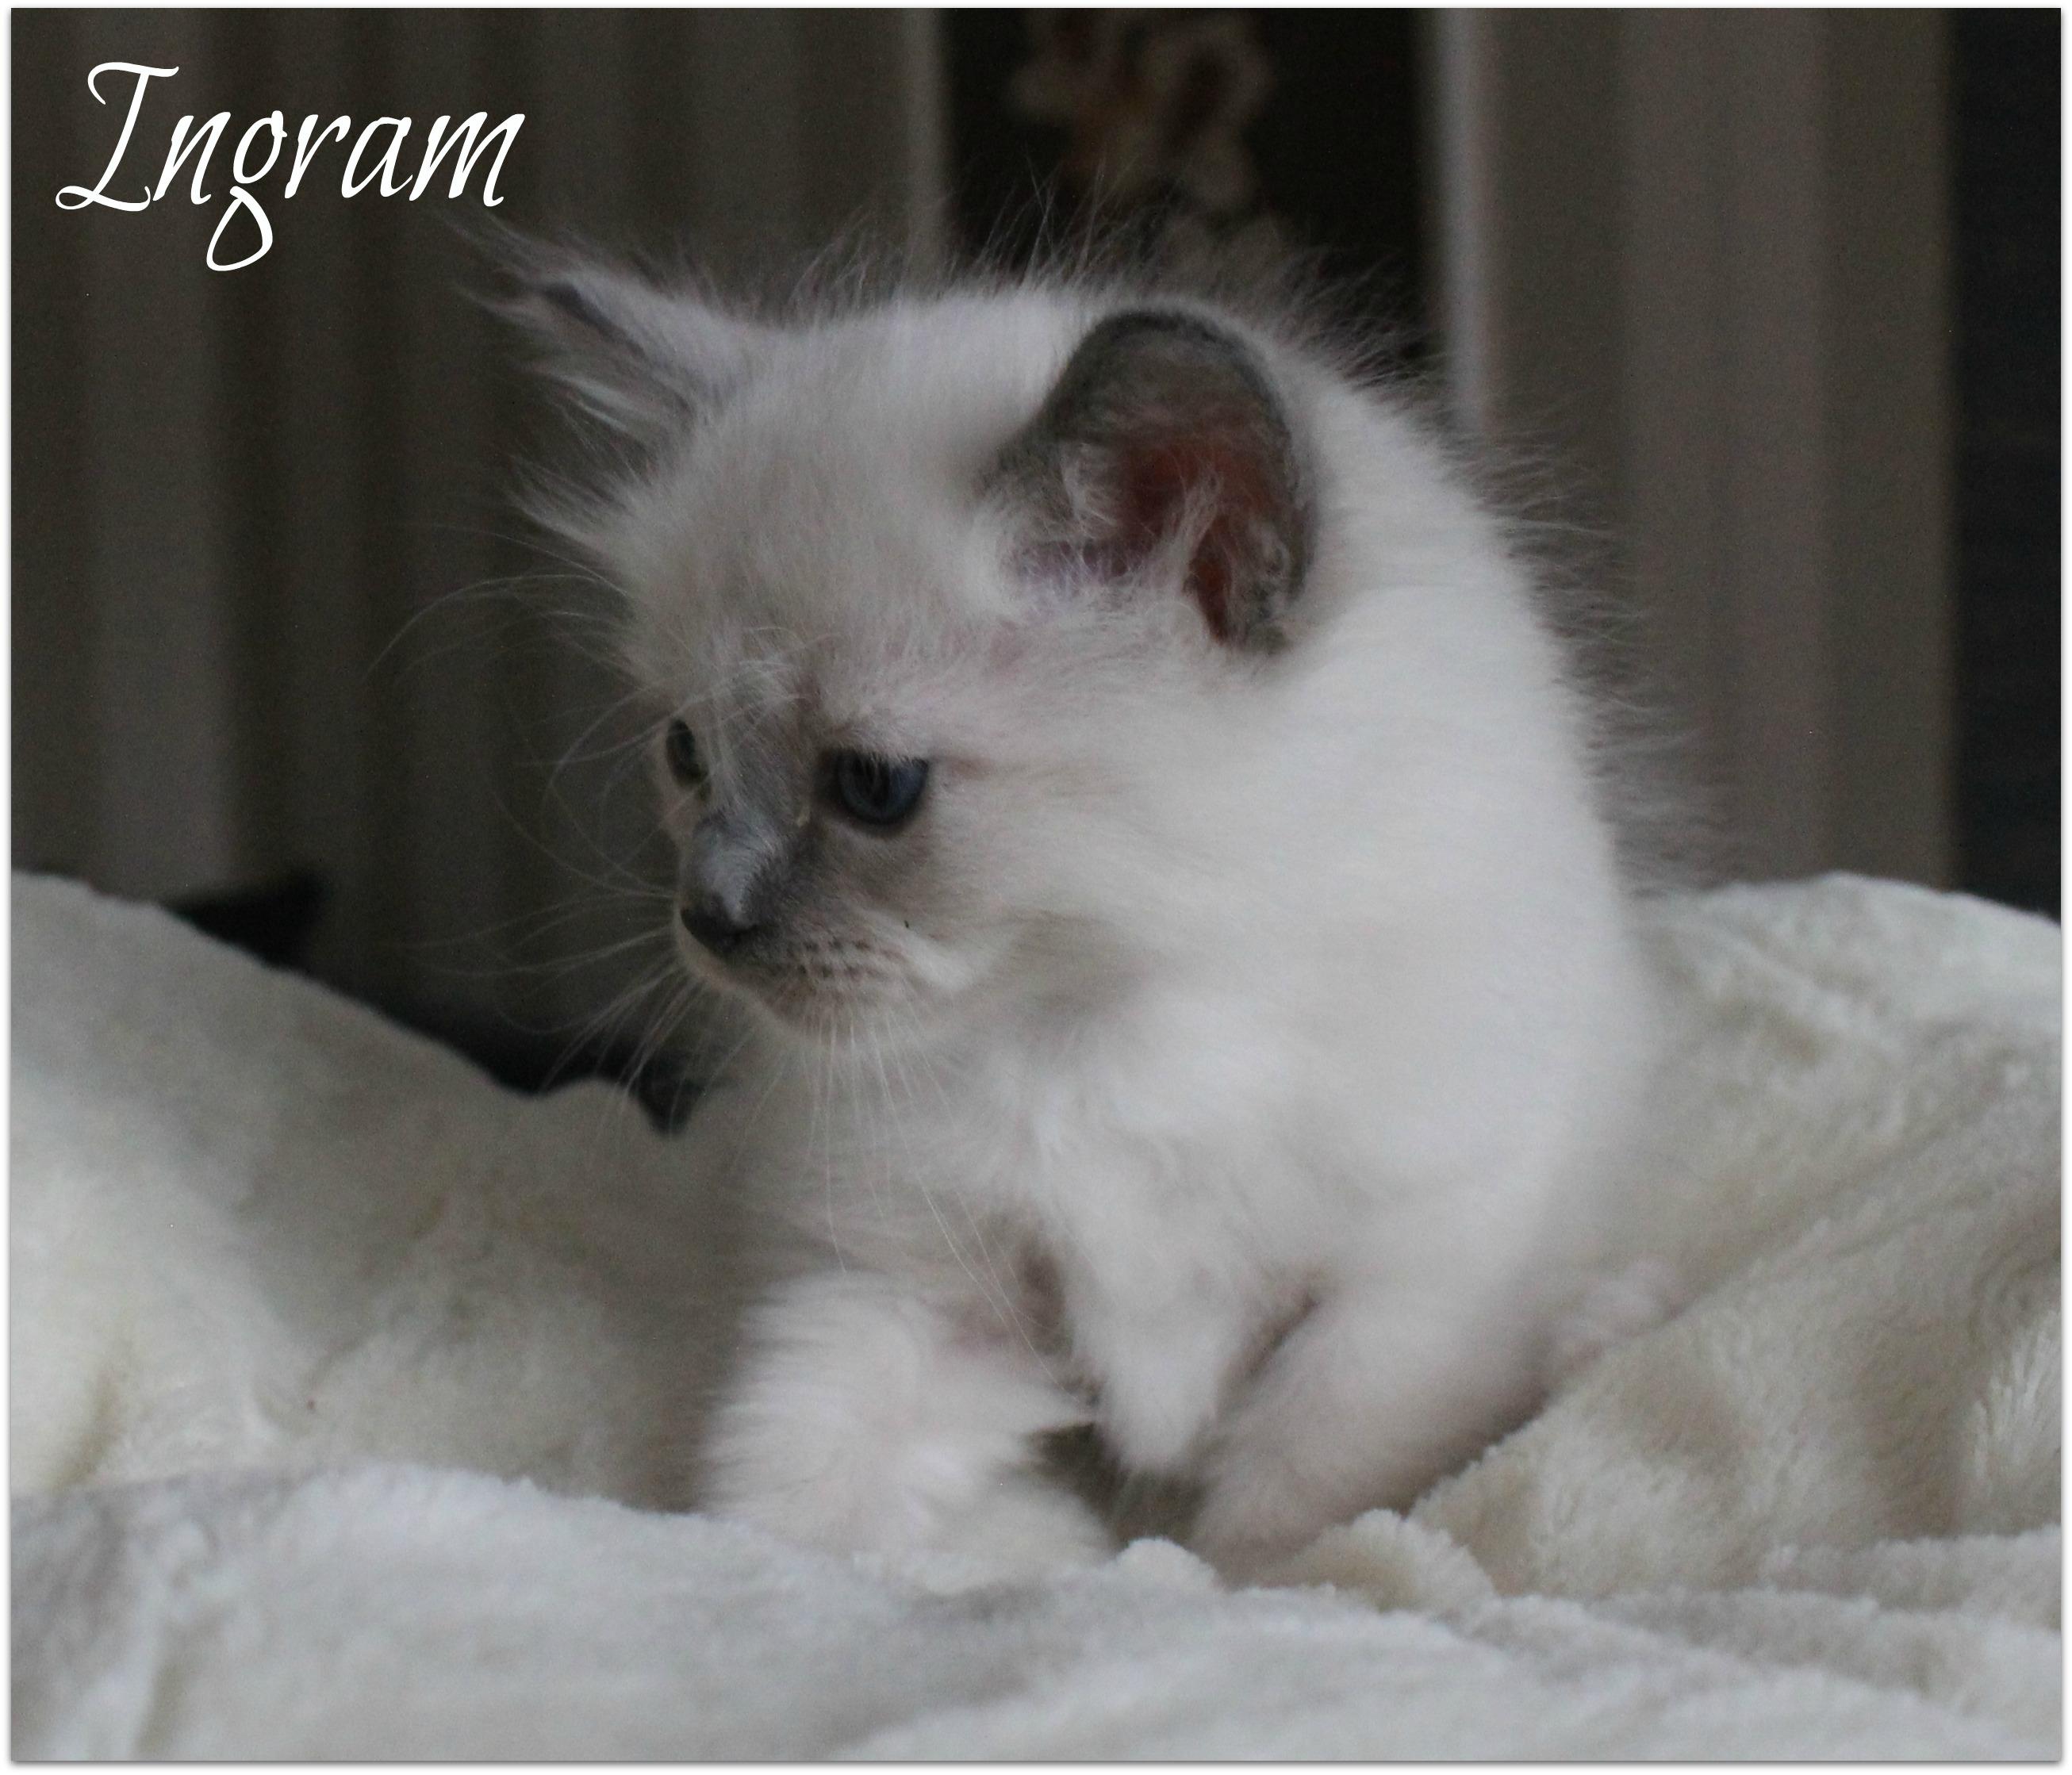 ingram3